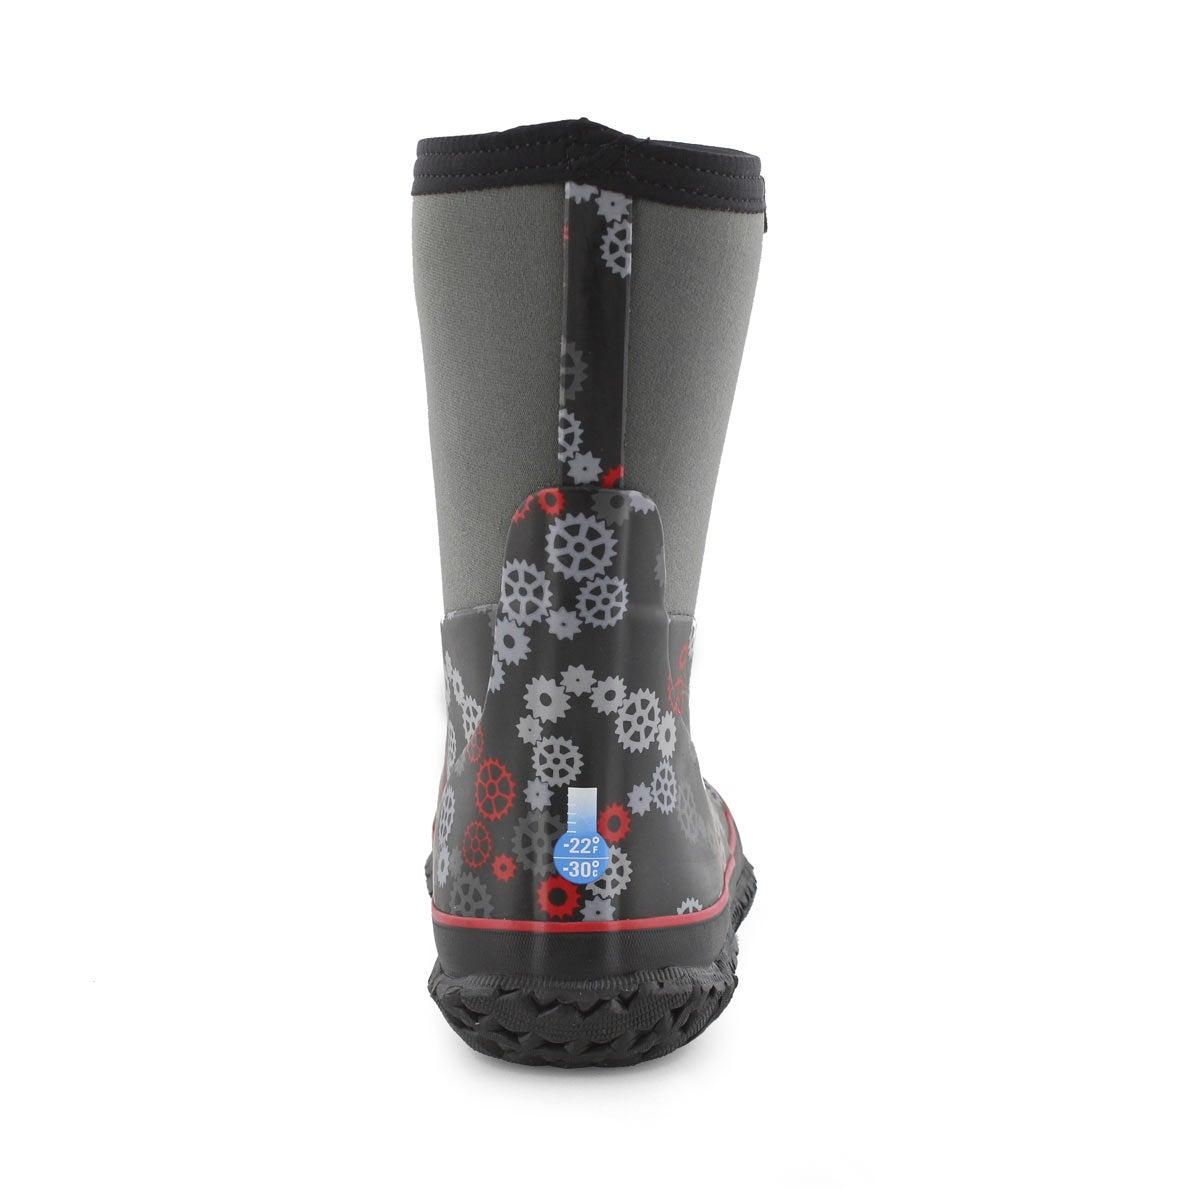 Boys' STOMPER GEARS blk/red waterproof boots